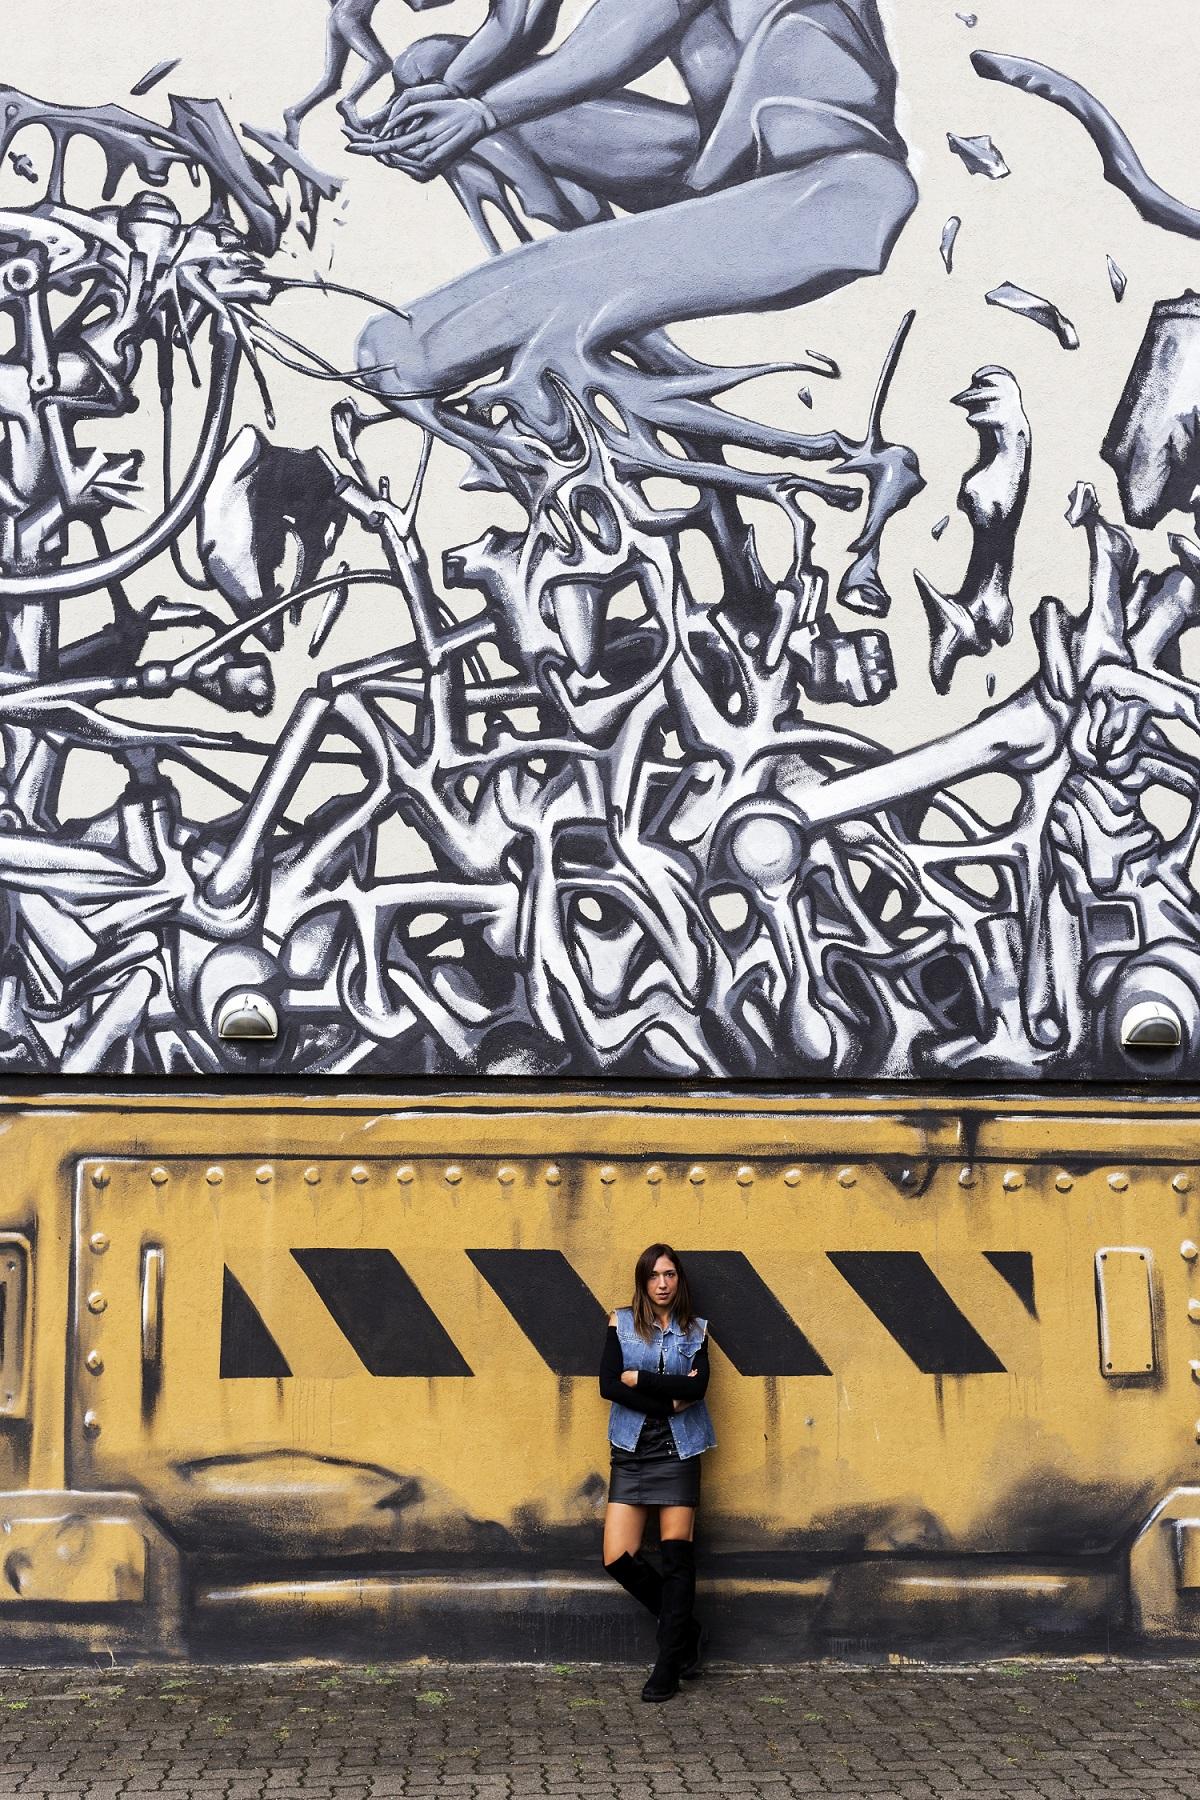 Una città che non si è adagiata sugli allori e lo splendore di un tempo: Ravenna è una città nuova e viva grazie ai fantastici murales in giro per la città!